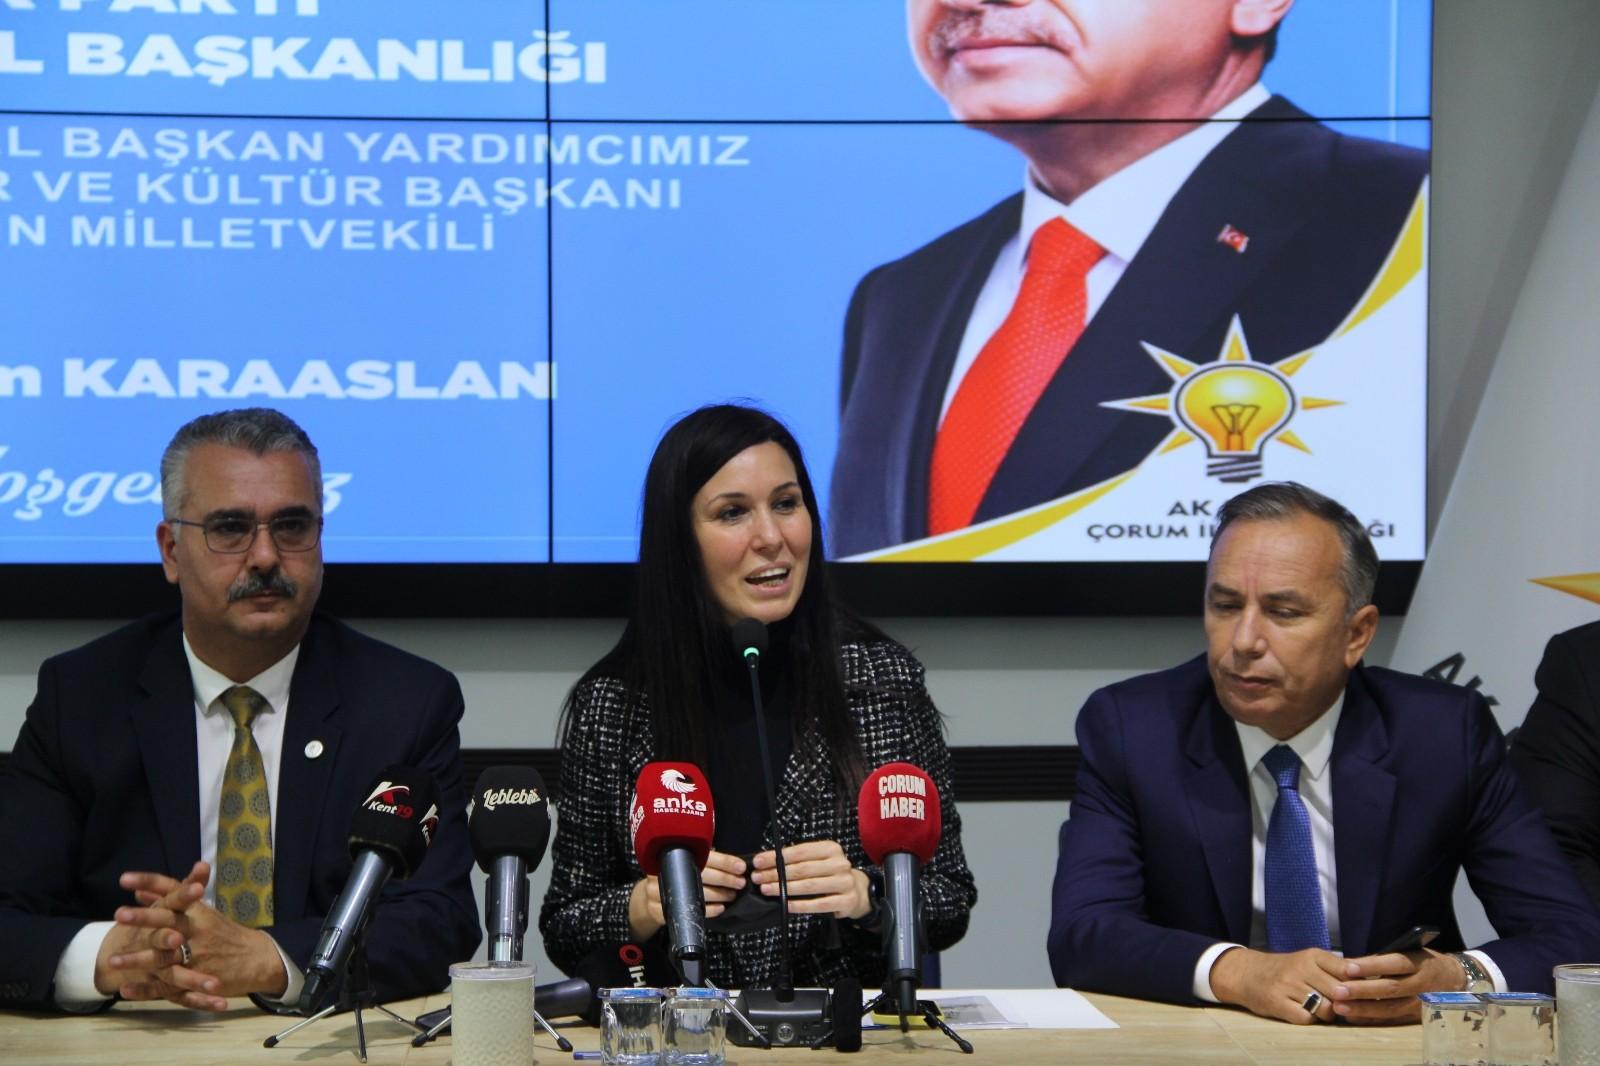 AK Parti Genel Başkan Yardımcısı Karaaslan: Ekonomik verilerdeki başarı en kısa zamanda vatandaşa yansıyacak